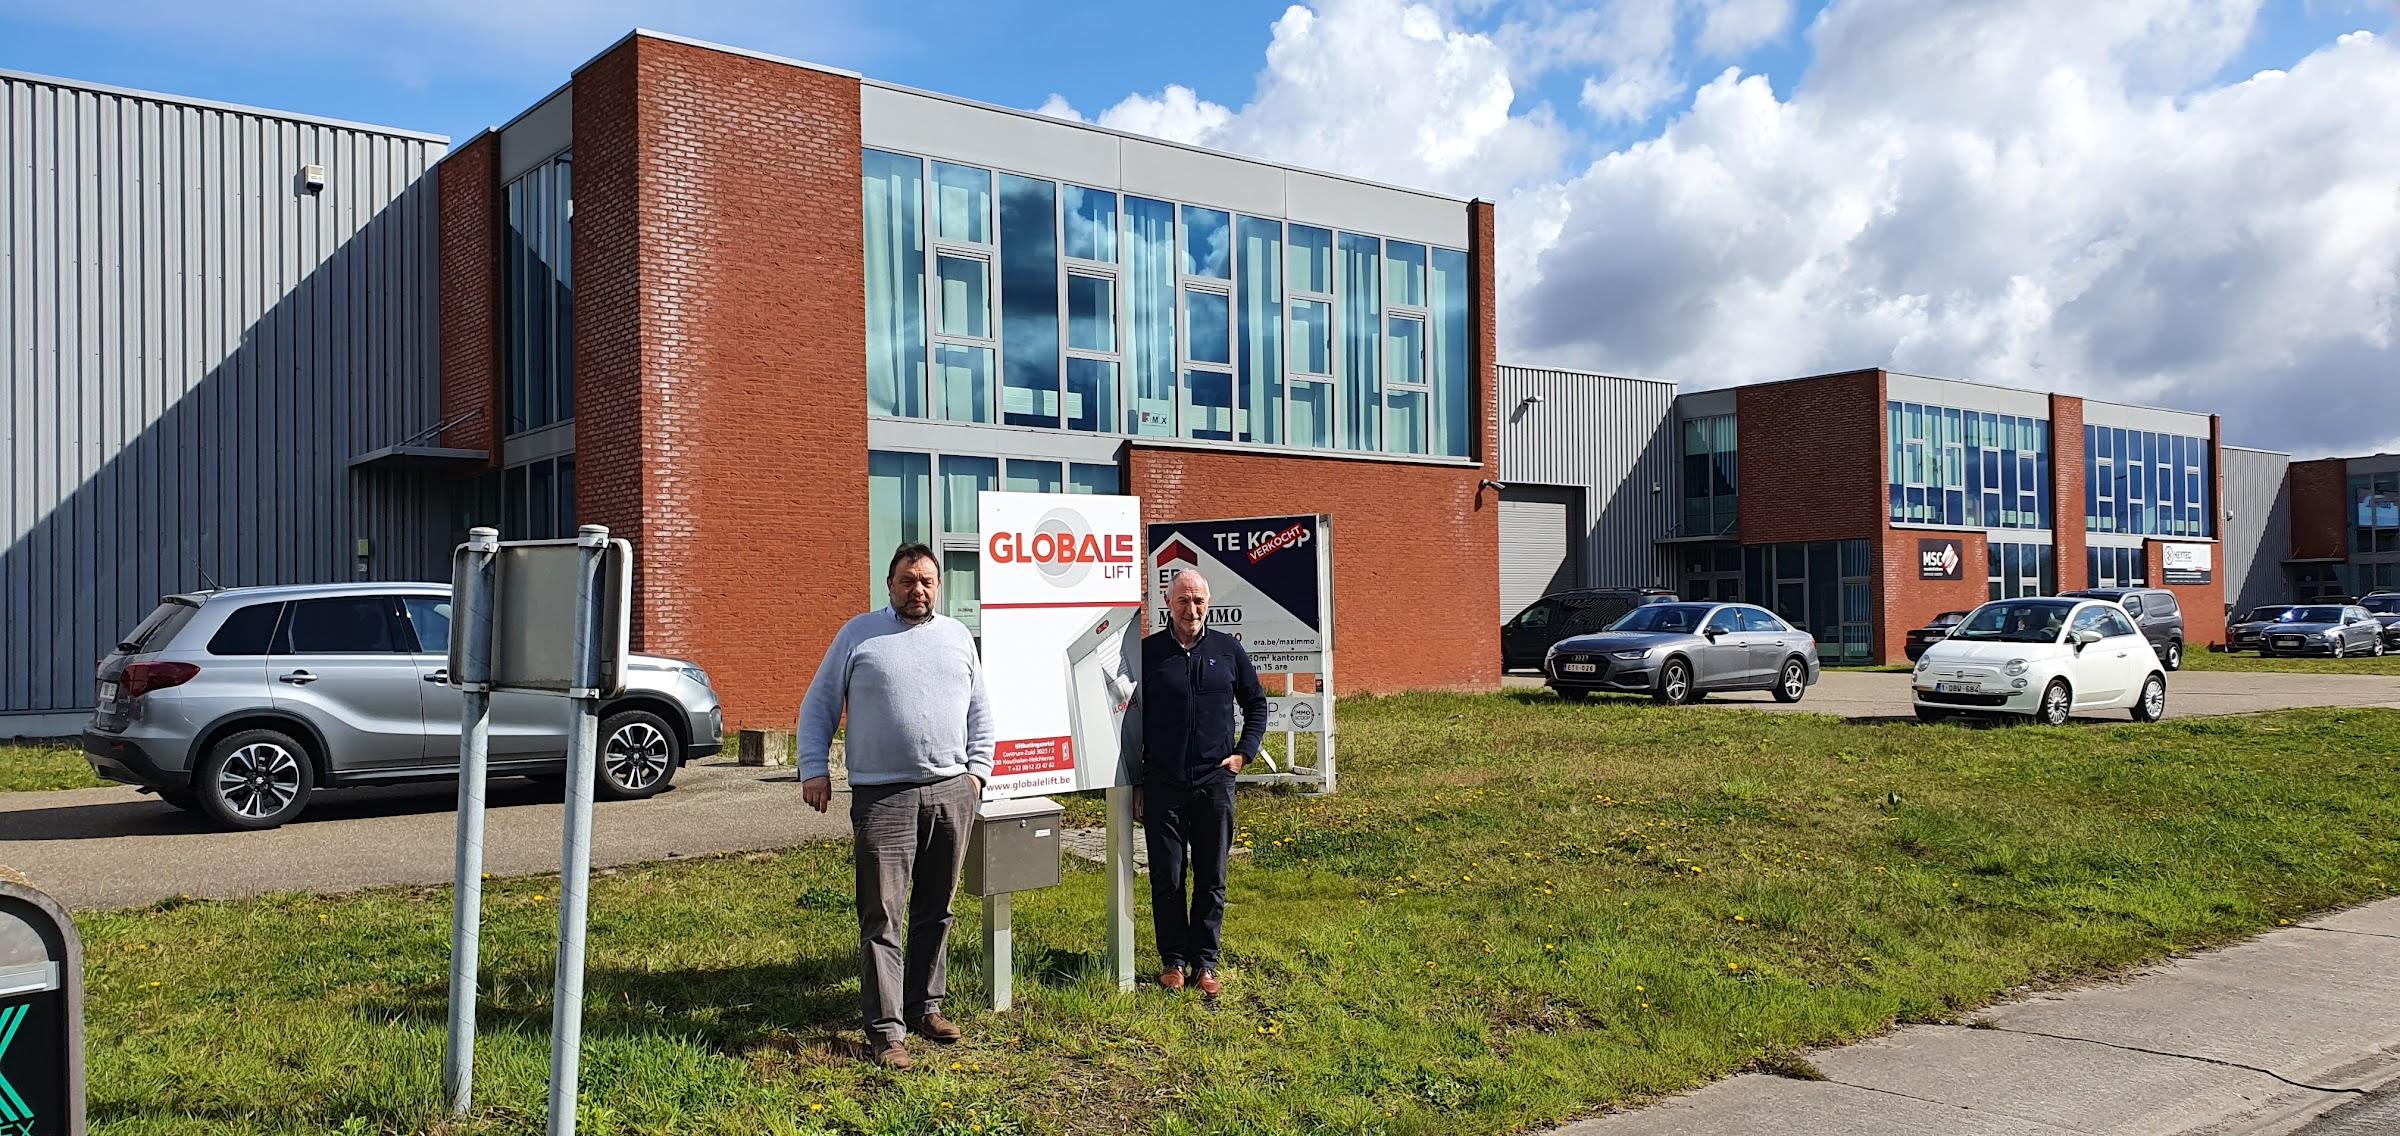 Globale bv, de specialist in maatwerk van liften (o.a. autoliften, huisliften, keukenliften, goederenliften)- nieuwe kantoren